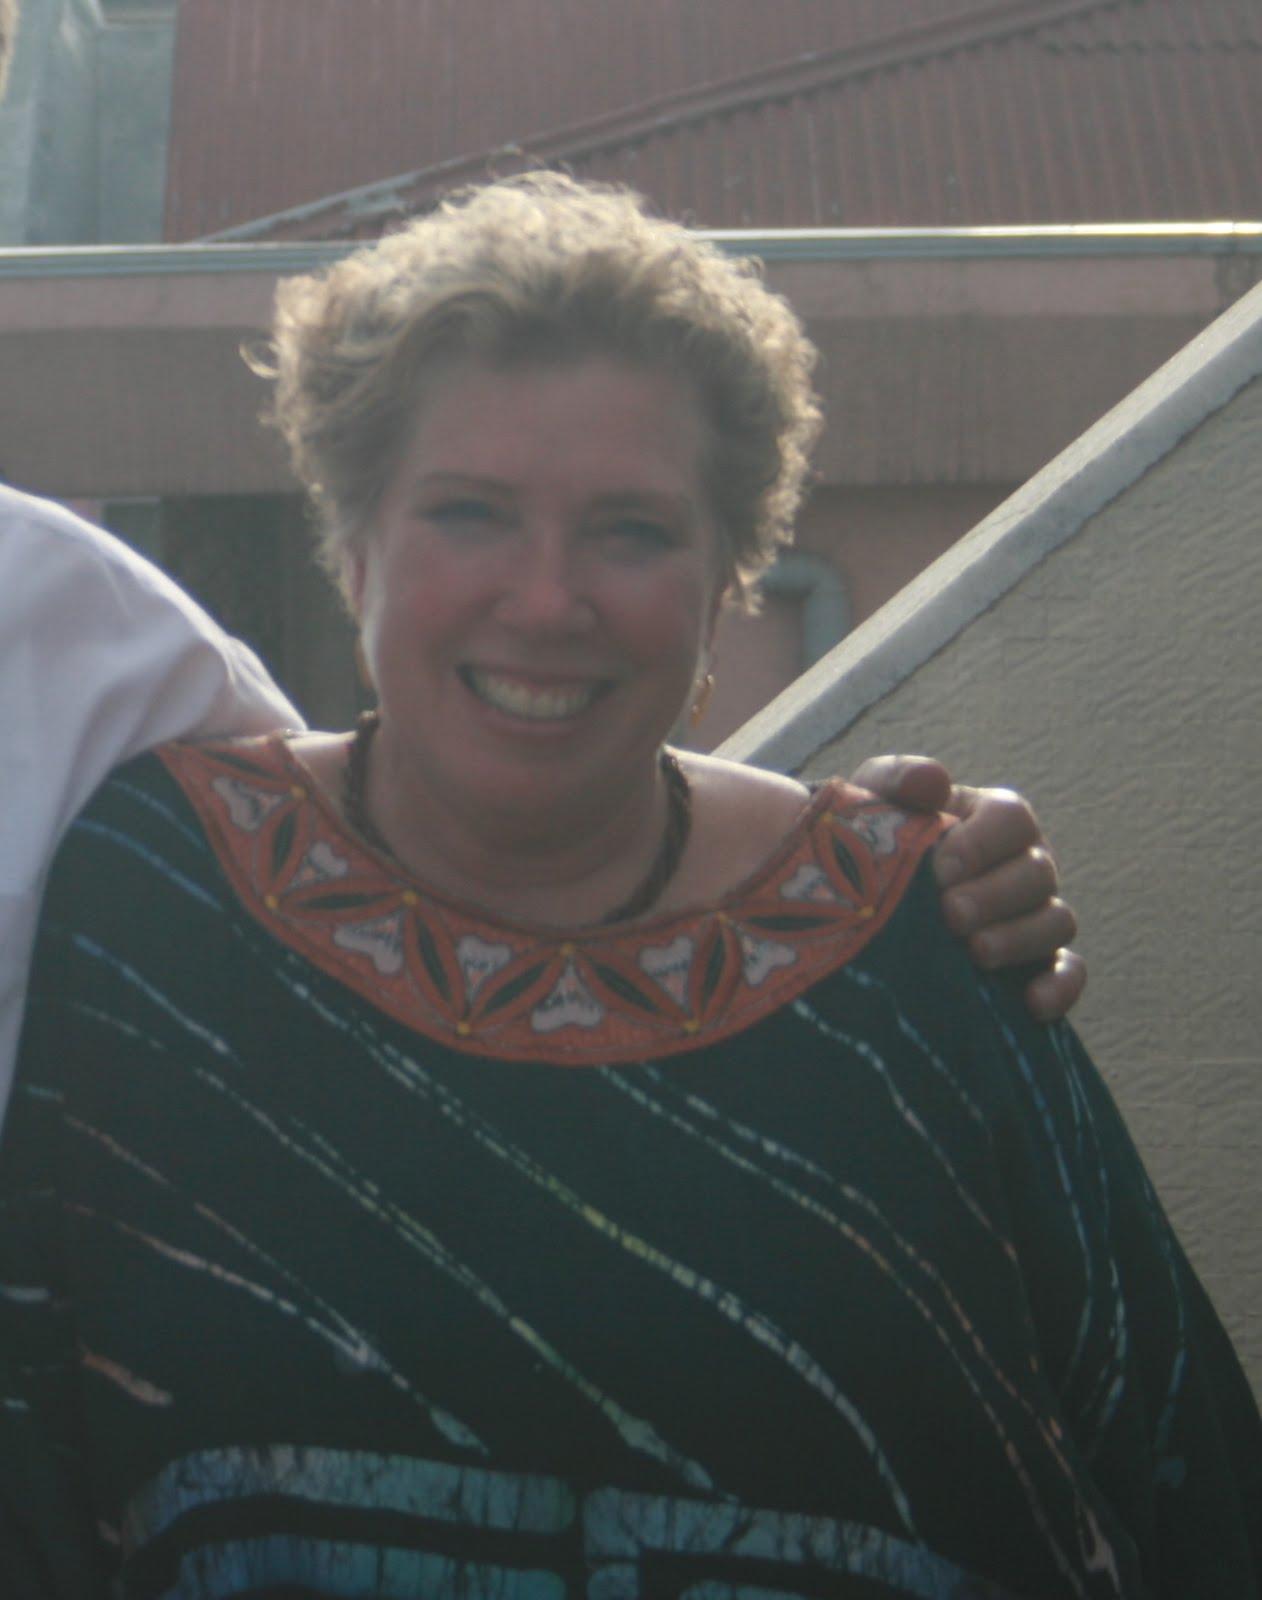 Helena P. Schrader